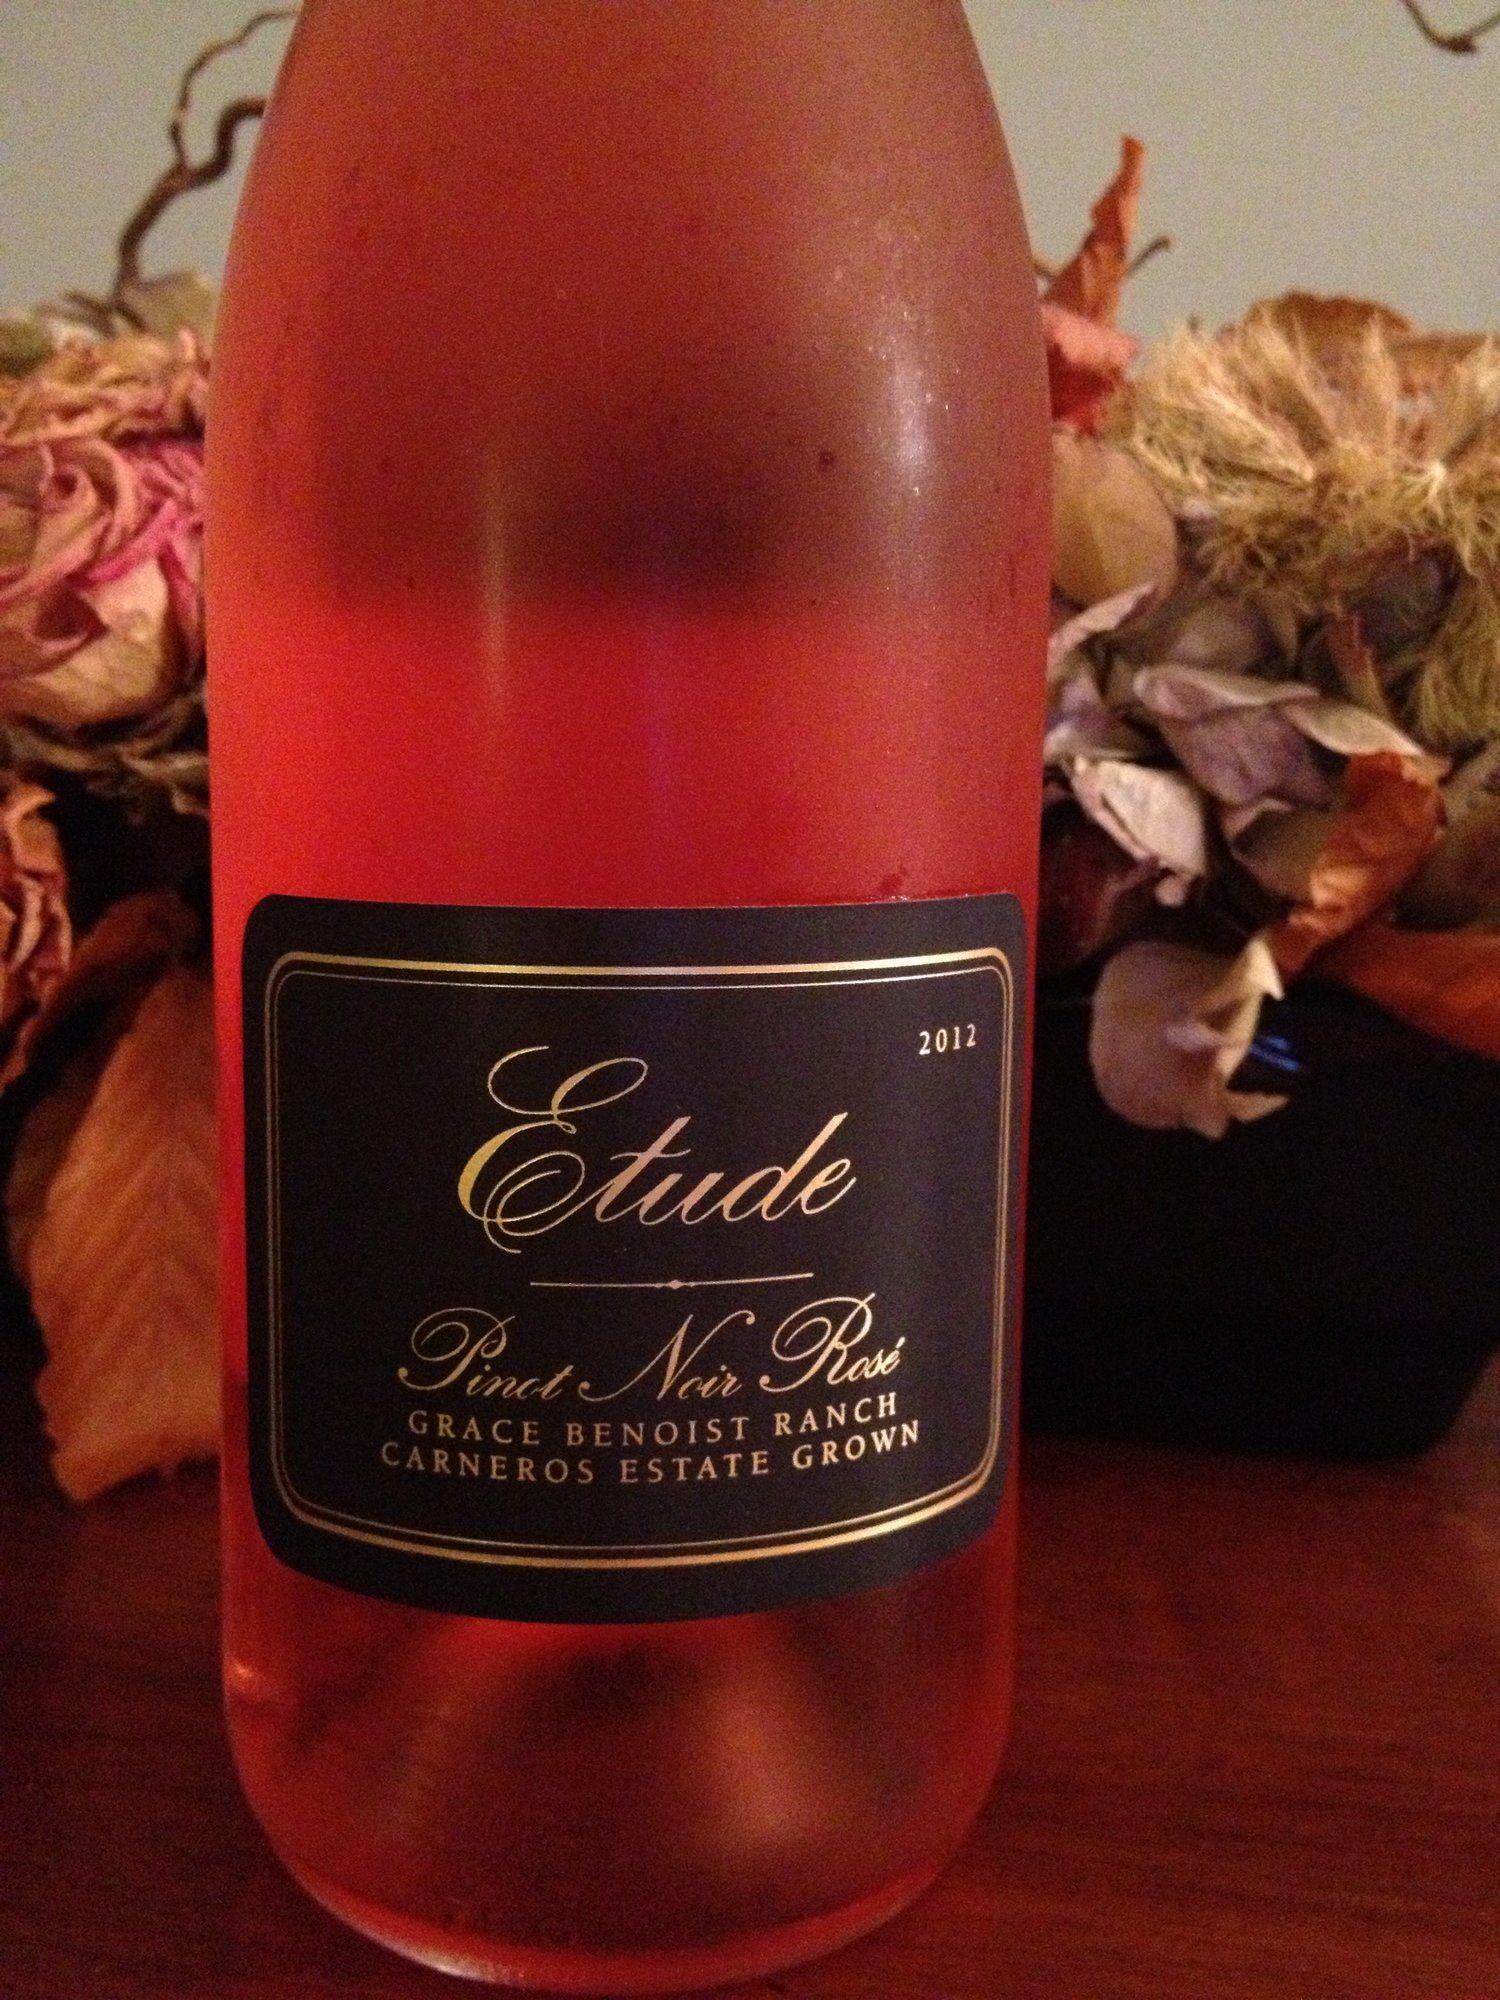 2012 Etude Pinot Noir Rose Pinot Noir Wine Pinot